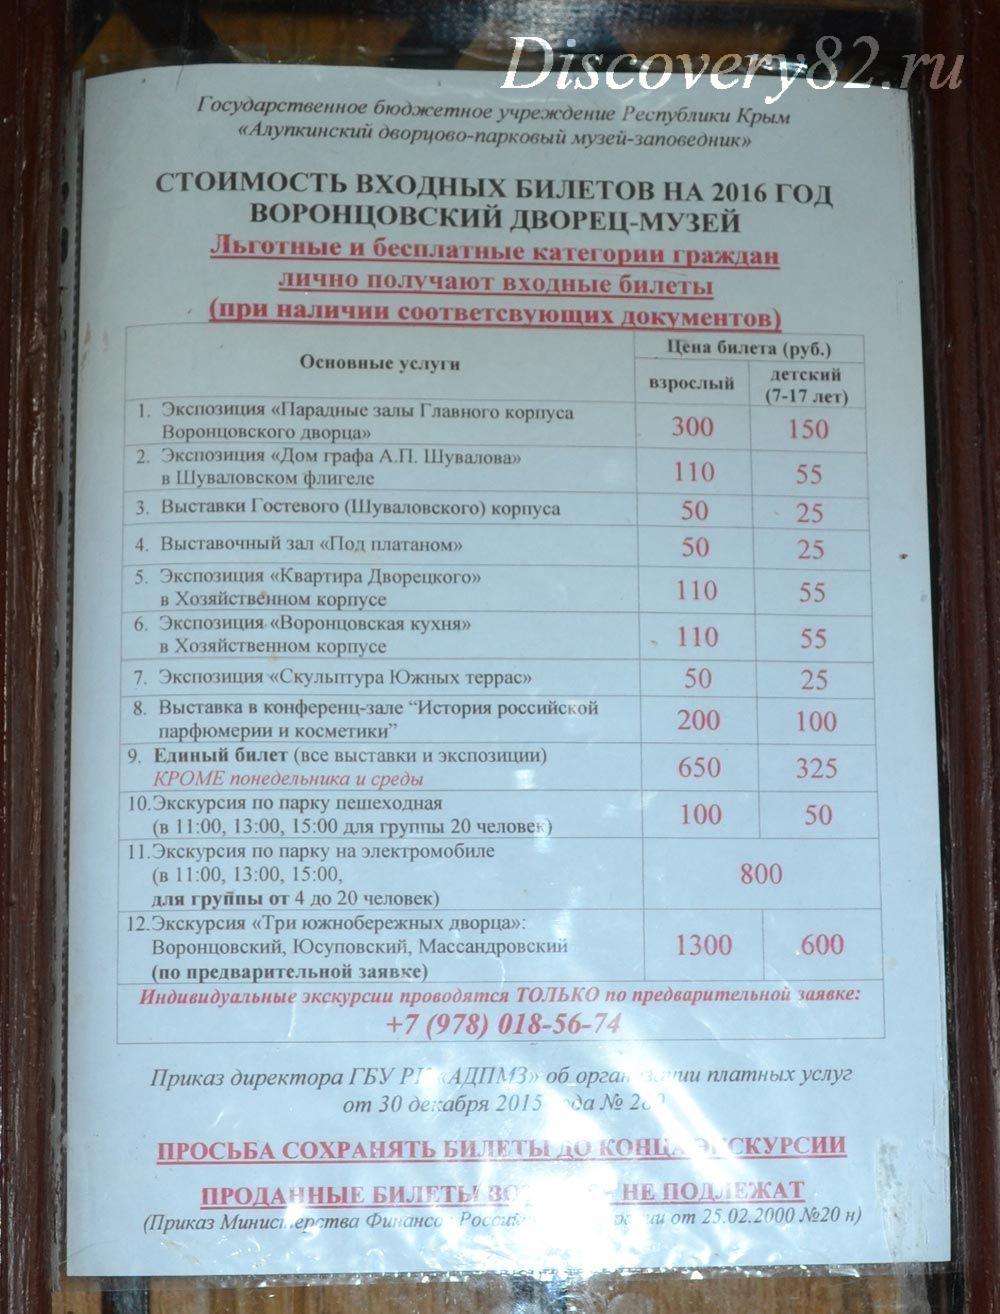 стоимость экскурсий в Воронцовский дворец